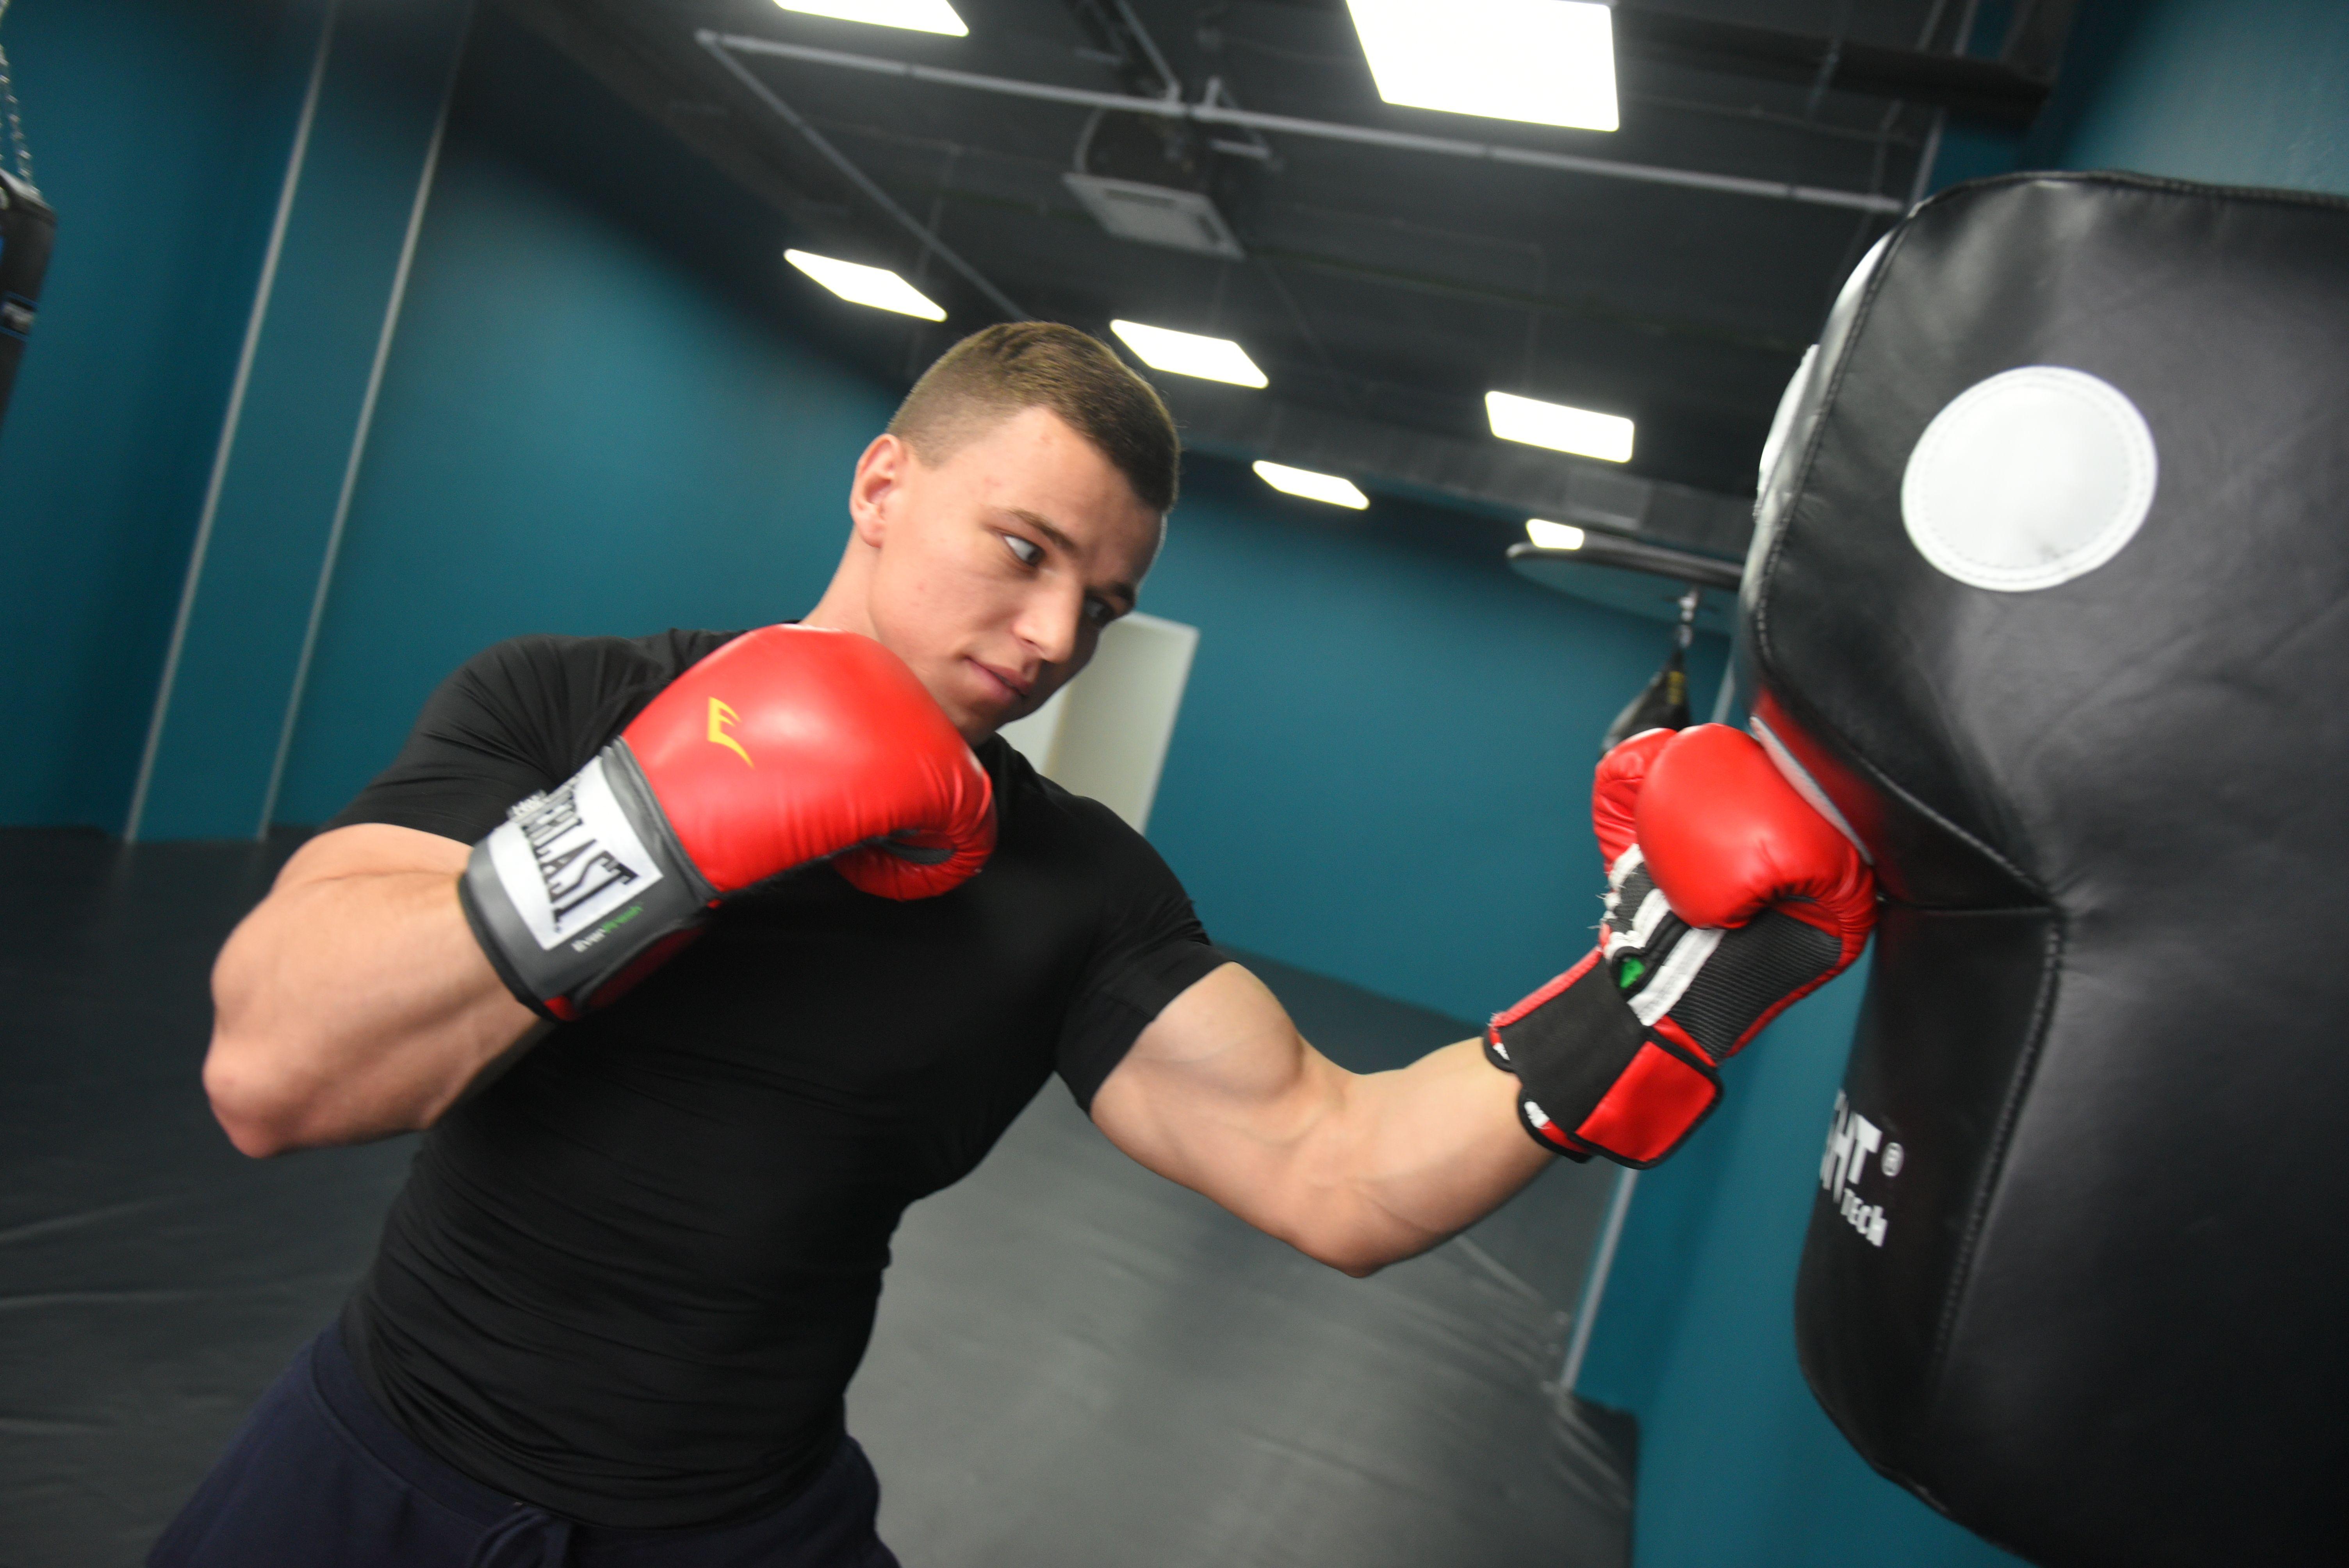 Технику удара отработали спортсмены из Троицка на виртуальной тренировке по боксу